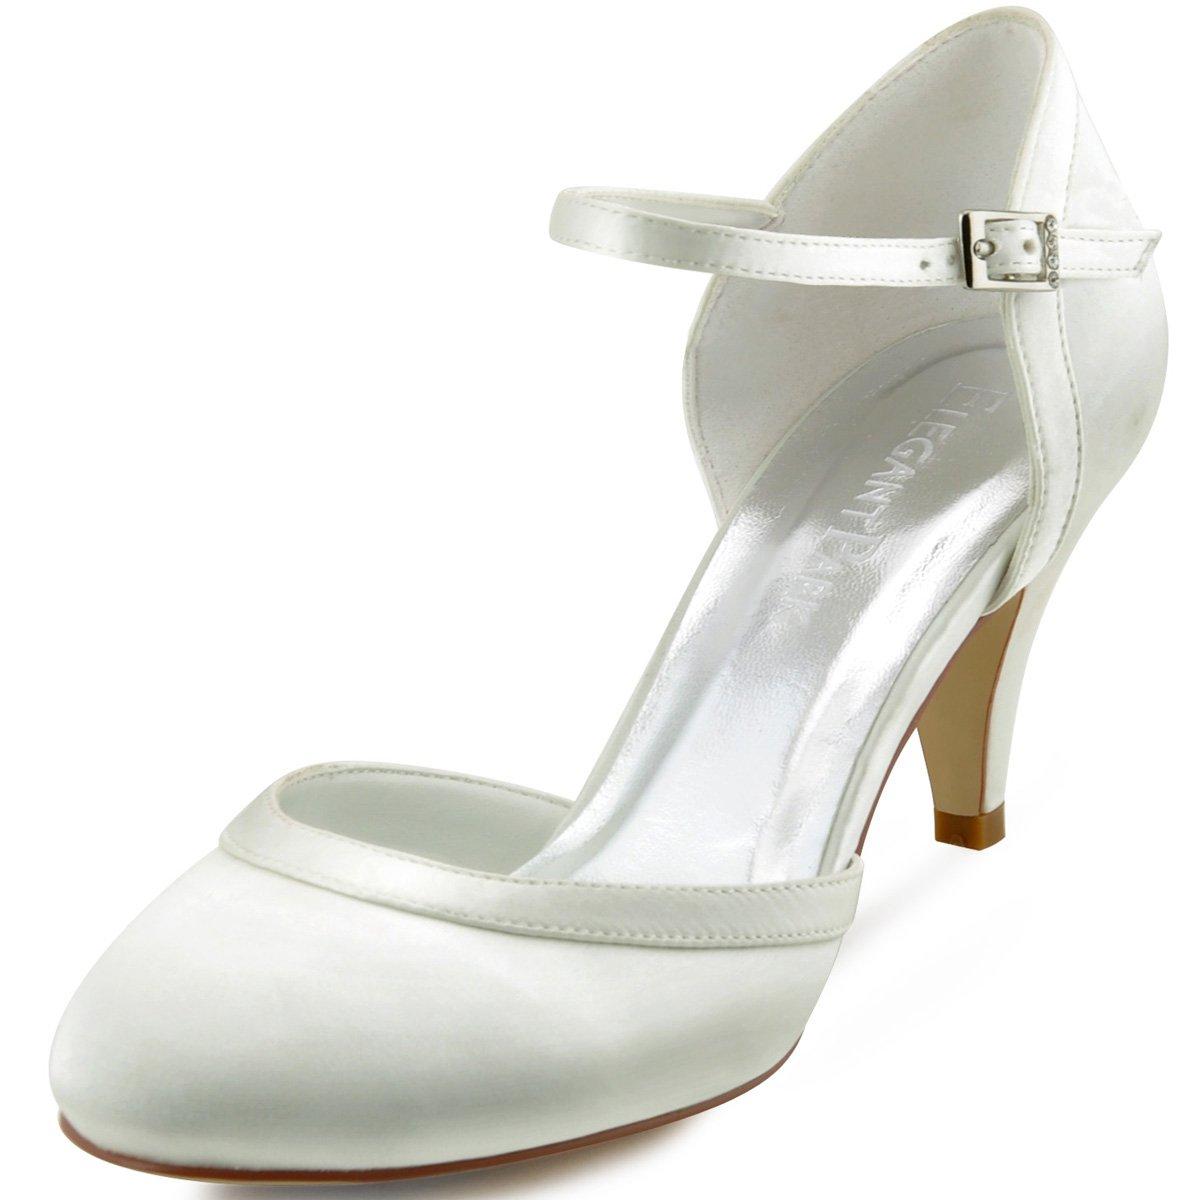 ElegantPark Chaussures HC1509 Escarpins Femme Ivoire Bride cheville Boucle Bout rond Mariee Mary Janes Satin Chaussures Pompes a Talon de Mariee Mariage Ivoire 4cdb623 - shopssong.space